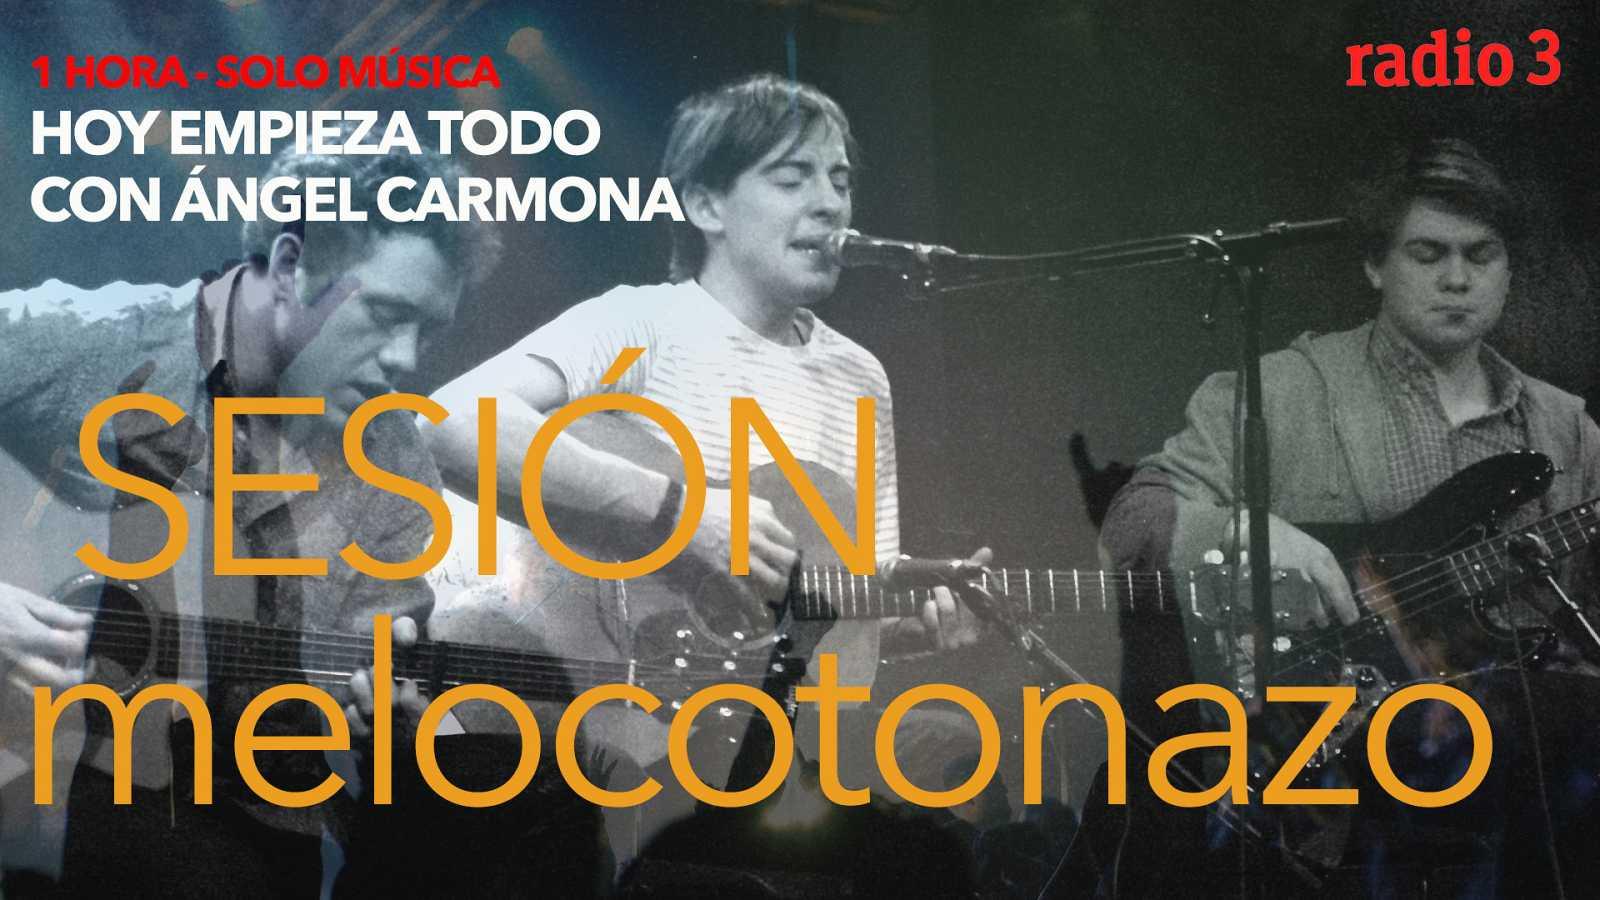 Hoy empieza todo con Ángel Carmona - #SesiónMelocotonazo: Bombay Bicycle Club, Foals, Pink... - 15/04/21 - escuchar ahora